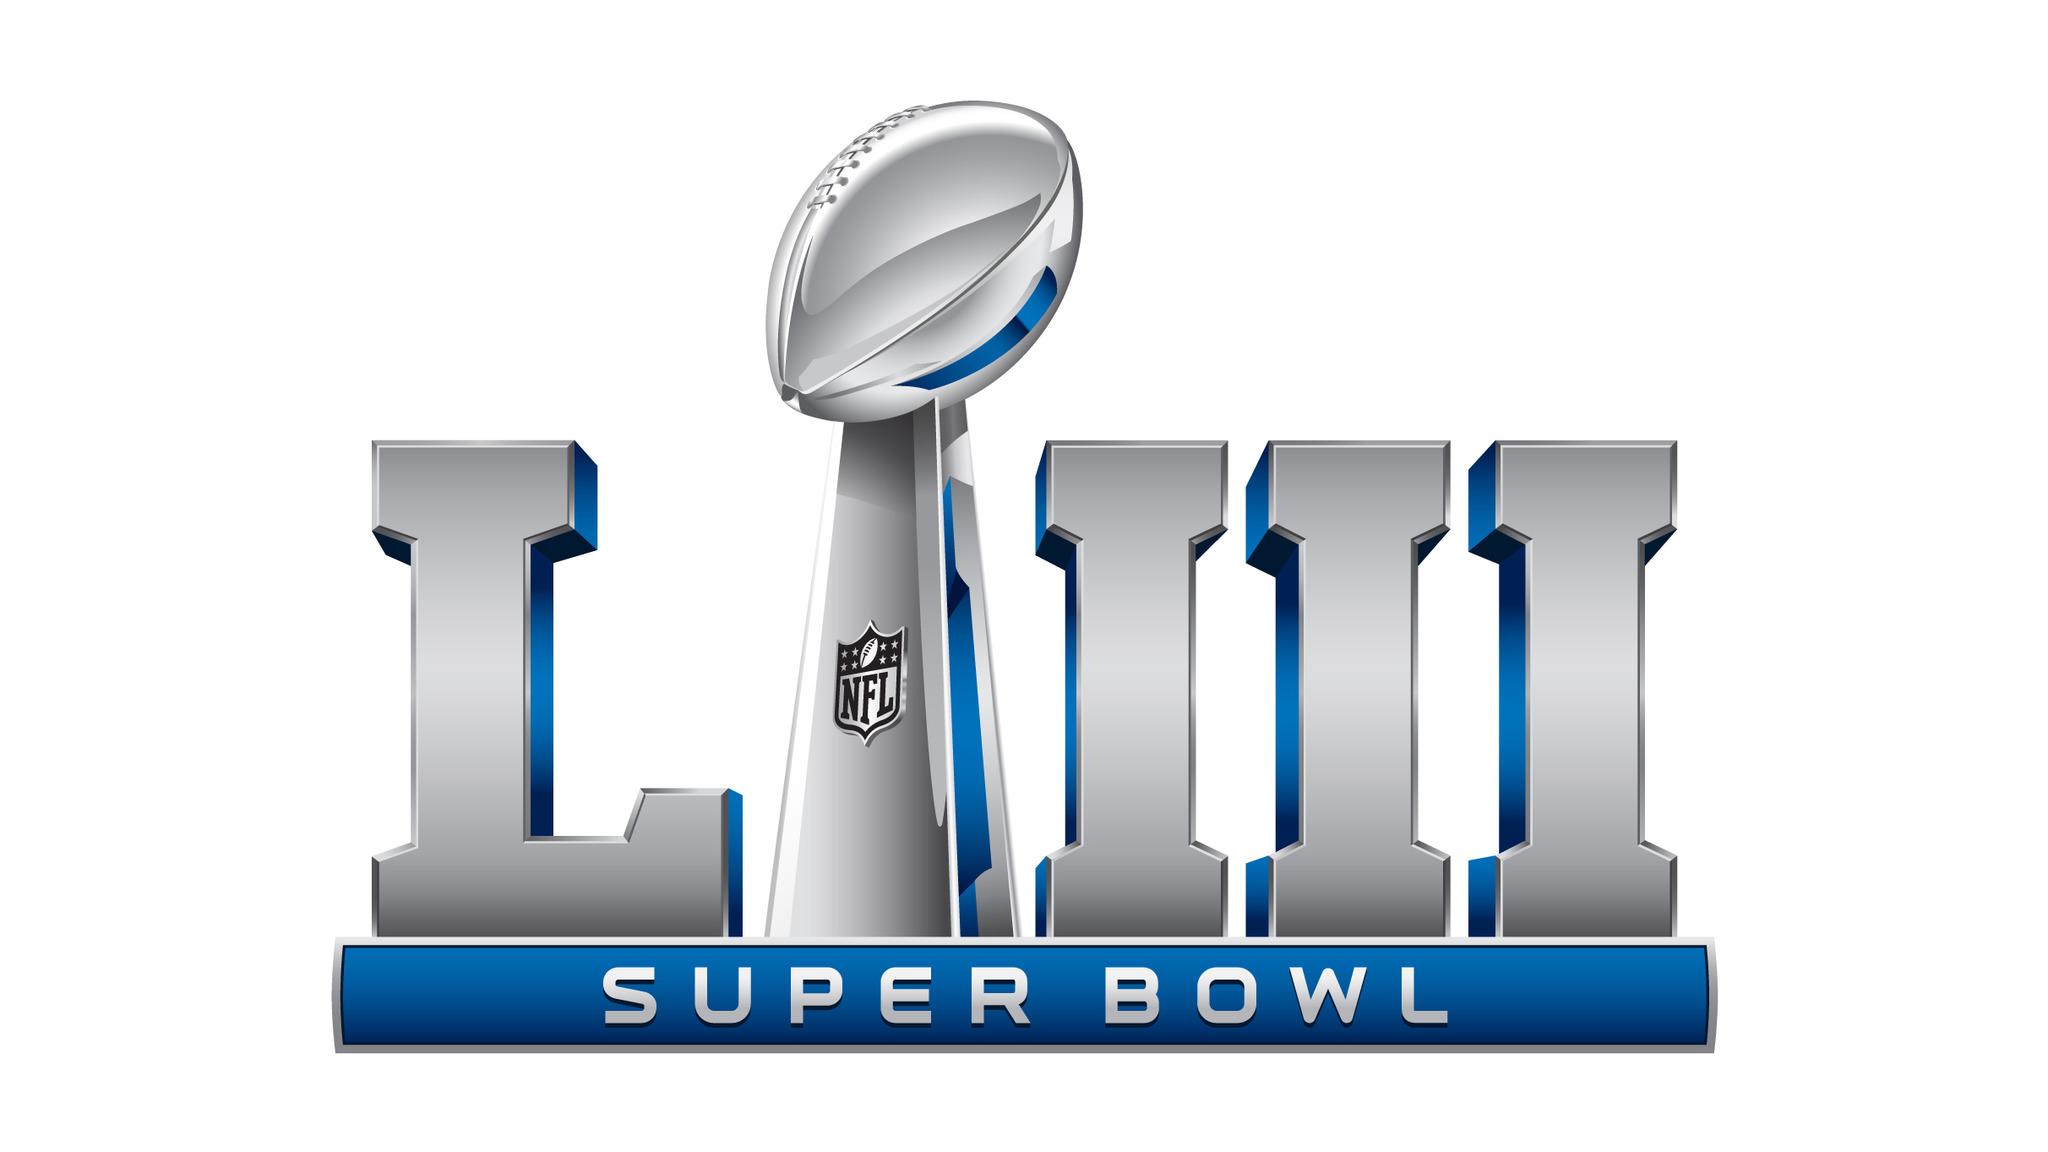 Super Bowl 2020 2020/02/2 in 347 Don Shula Drive Cheap.